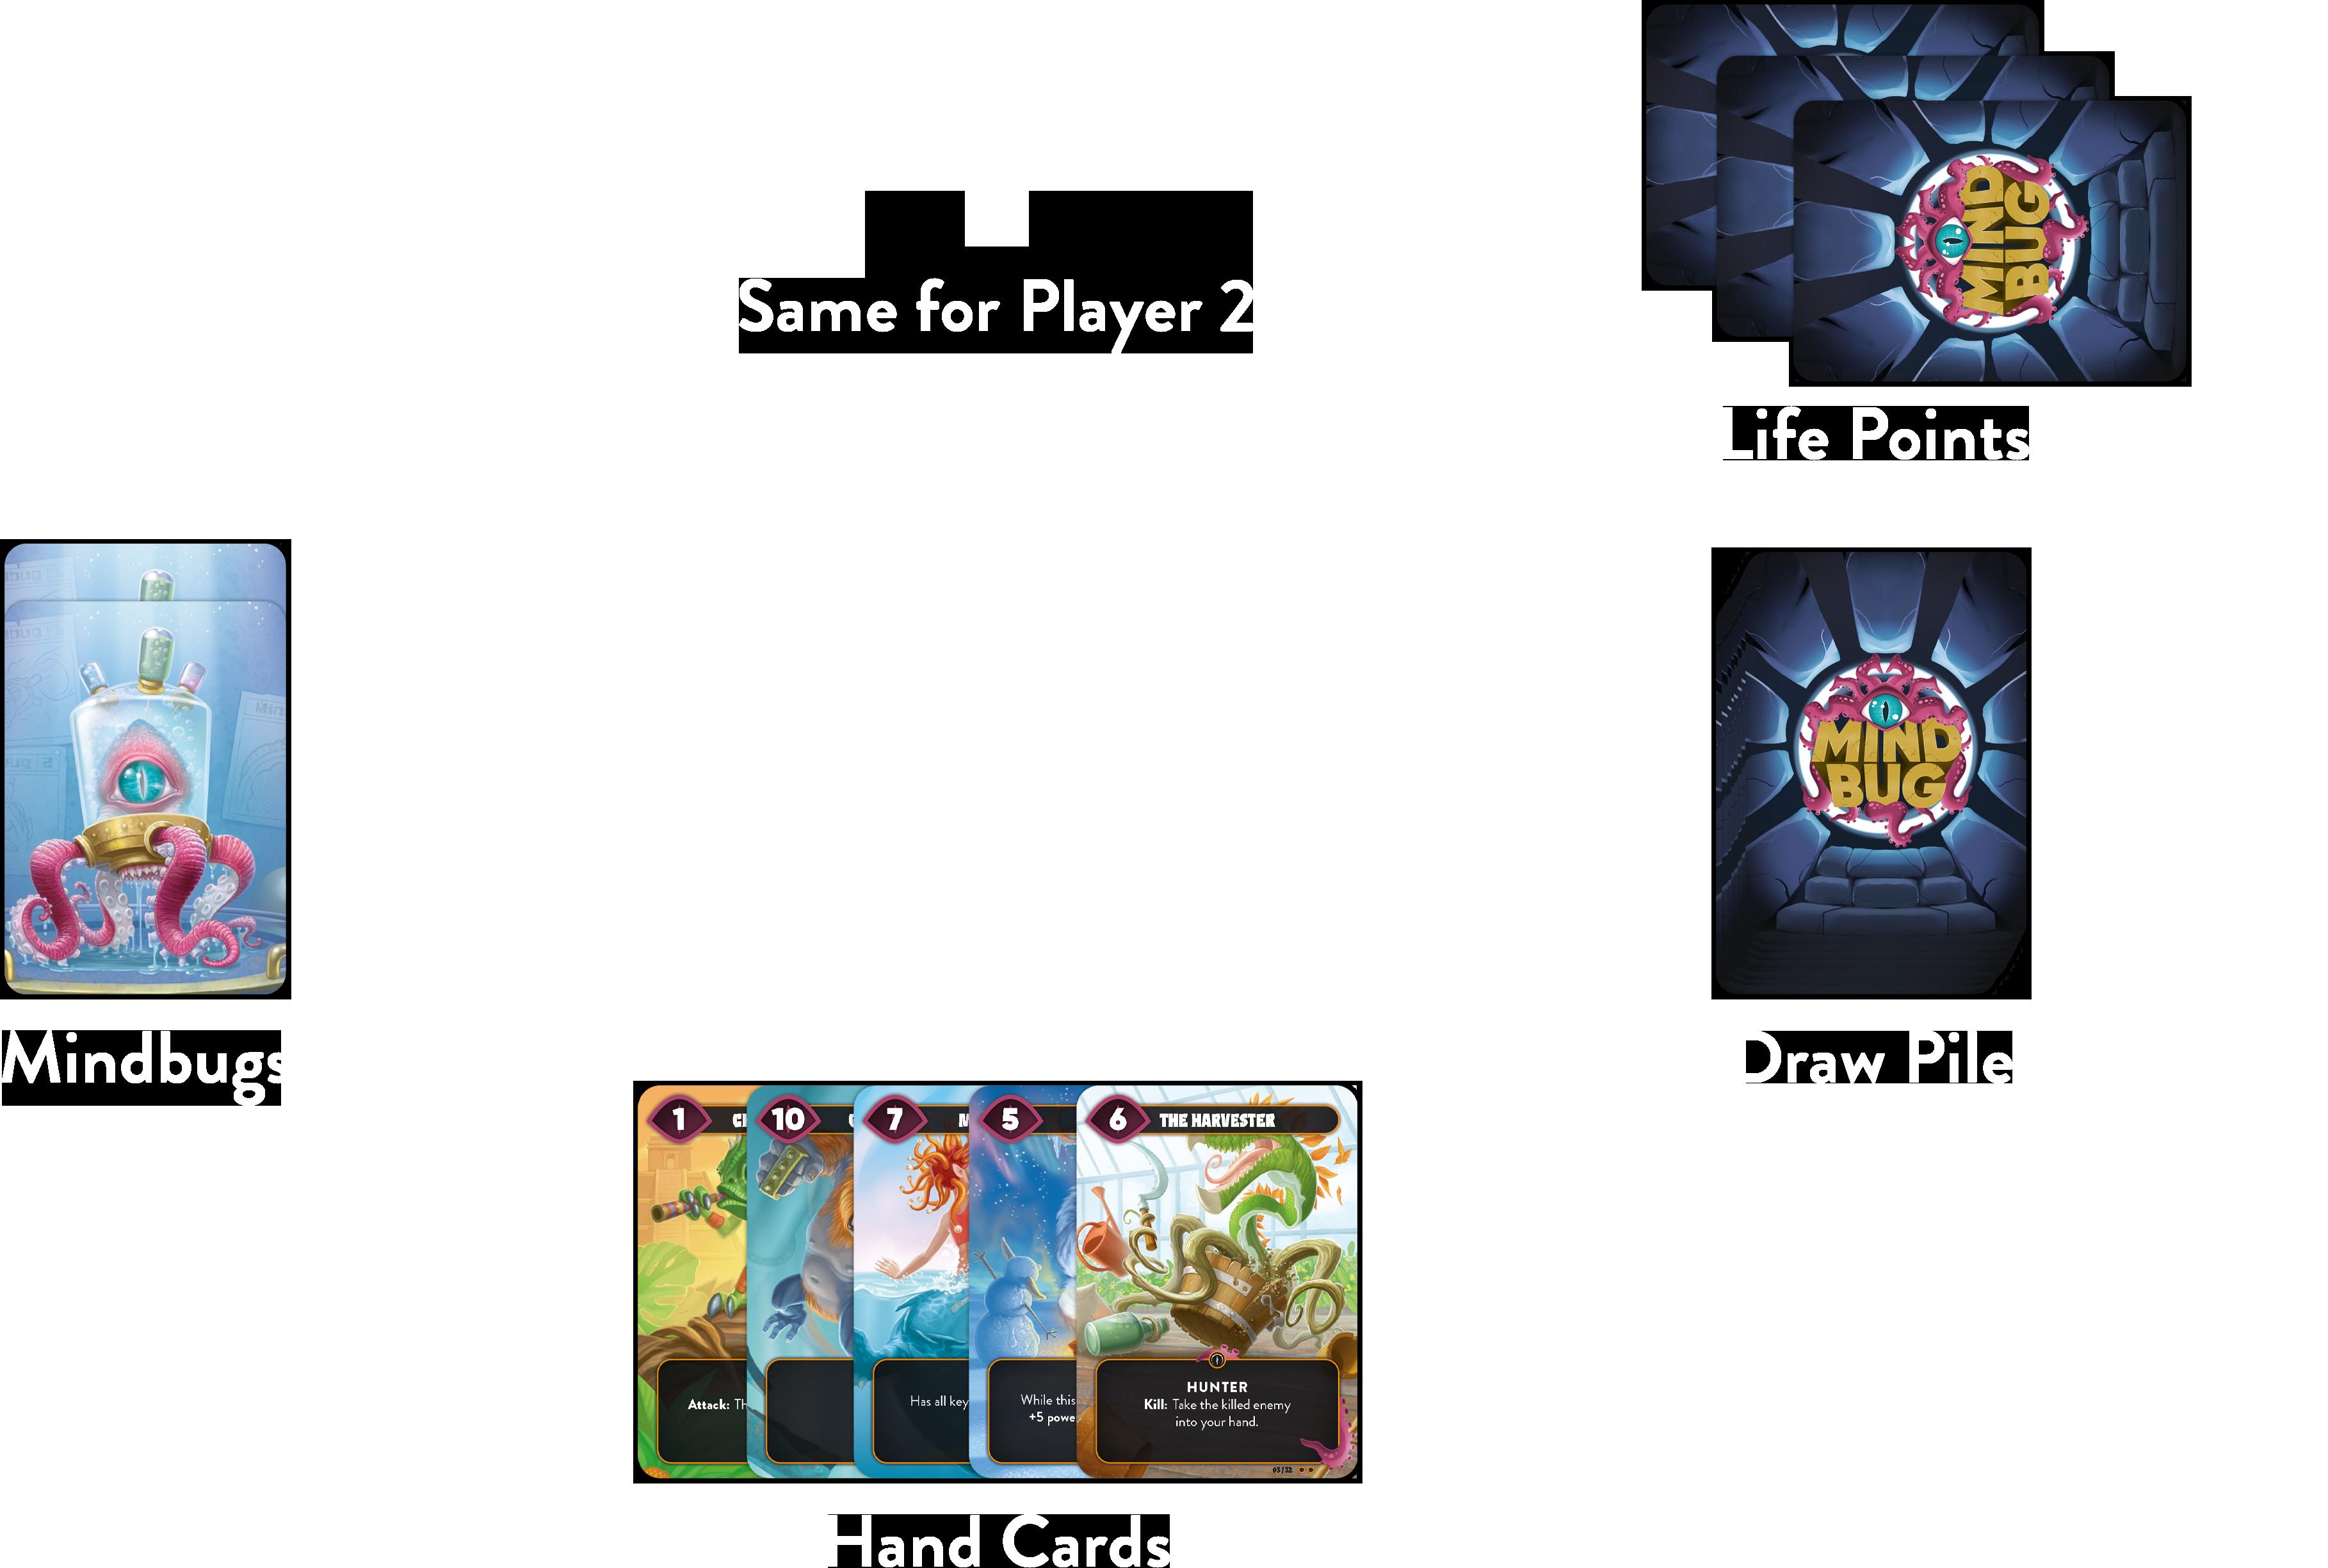 Mindbug Play Area